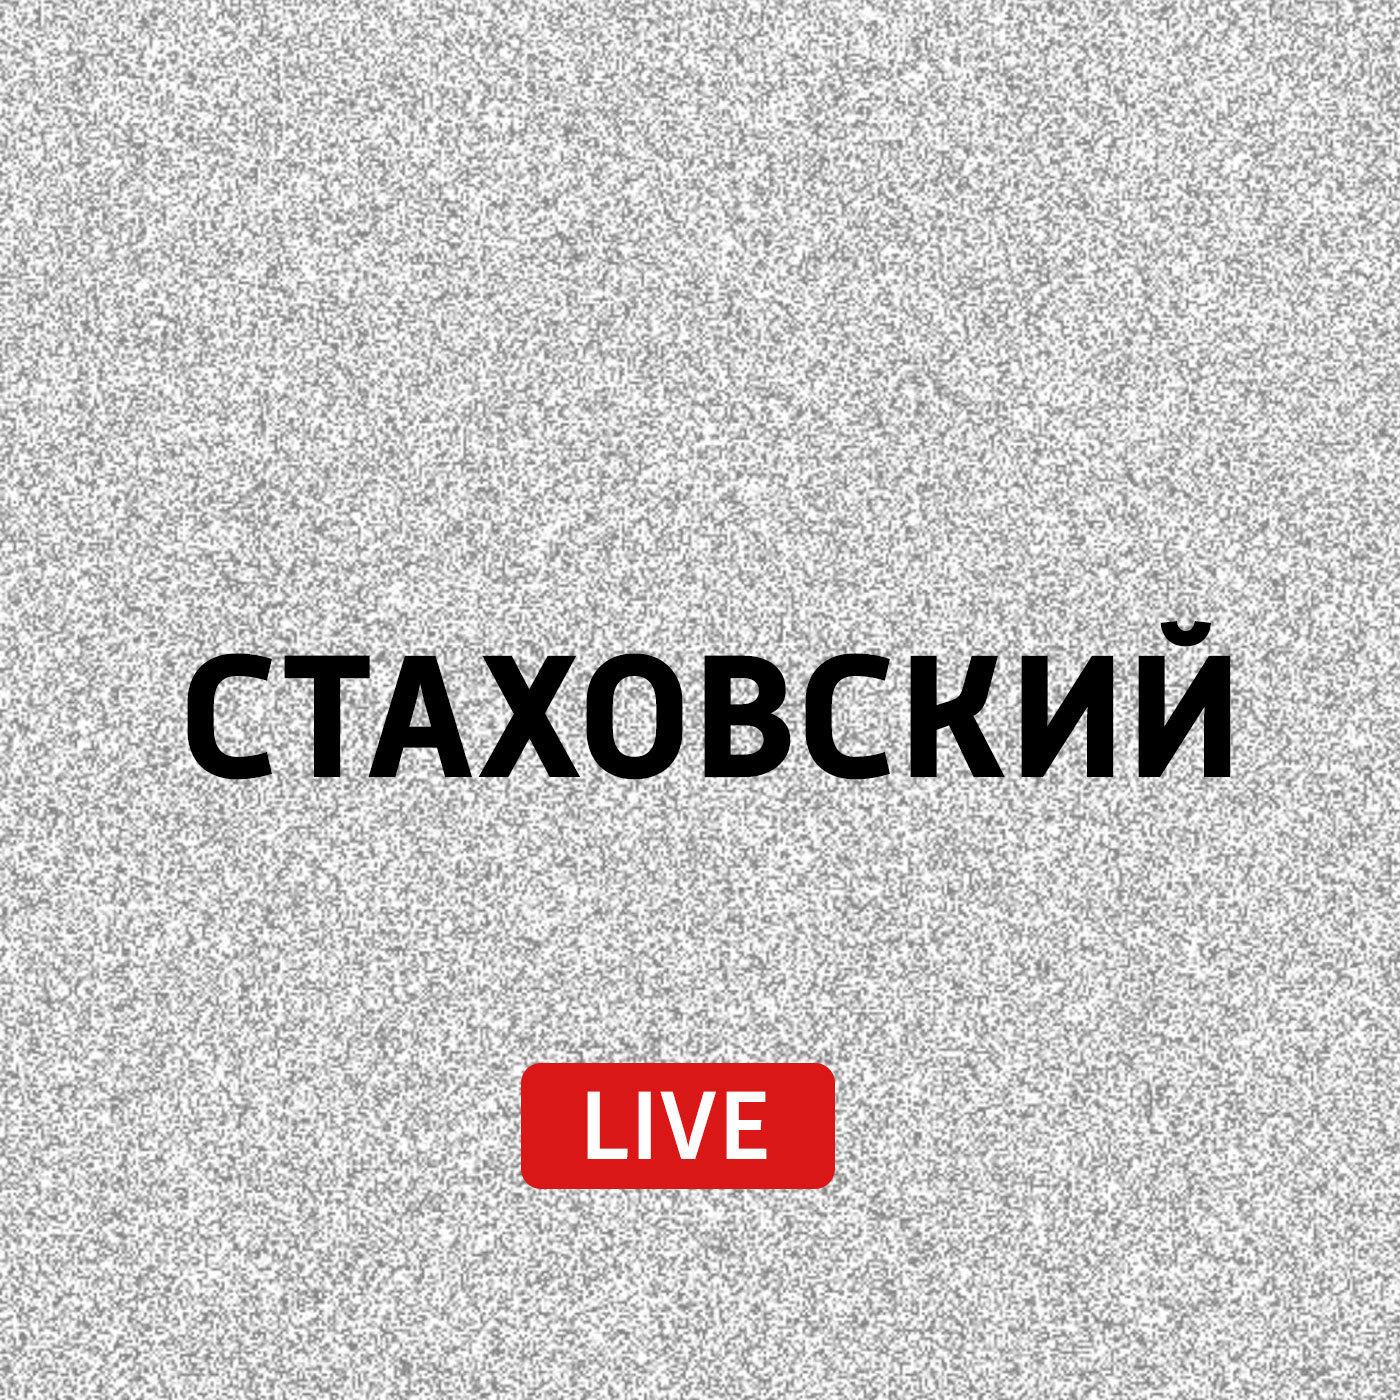 Евгений Стаховский Кодак, Бейонсе и Алексей Толстой алексей толстой в париже